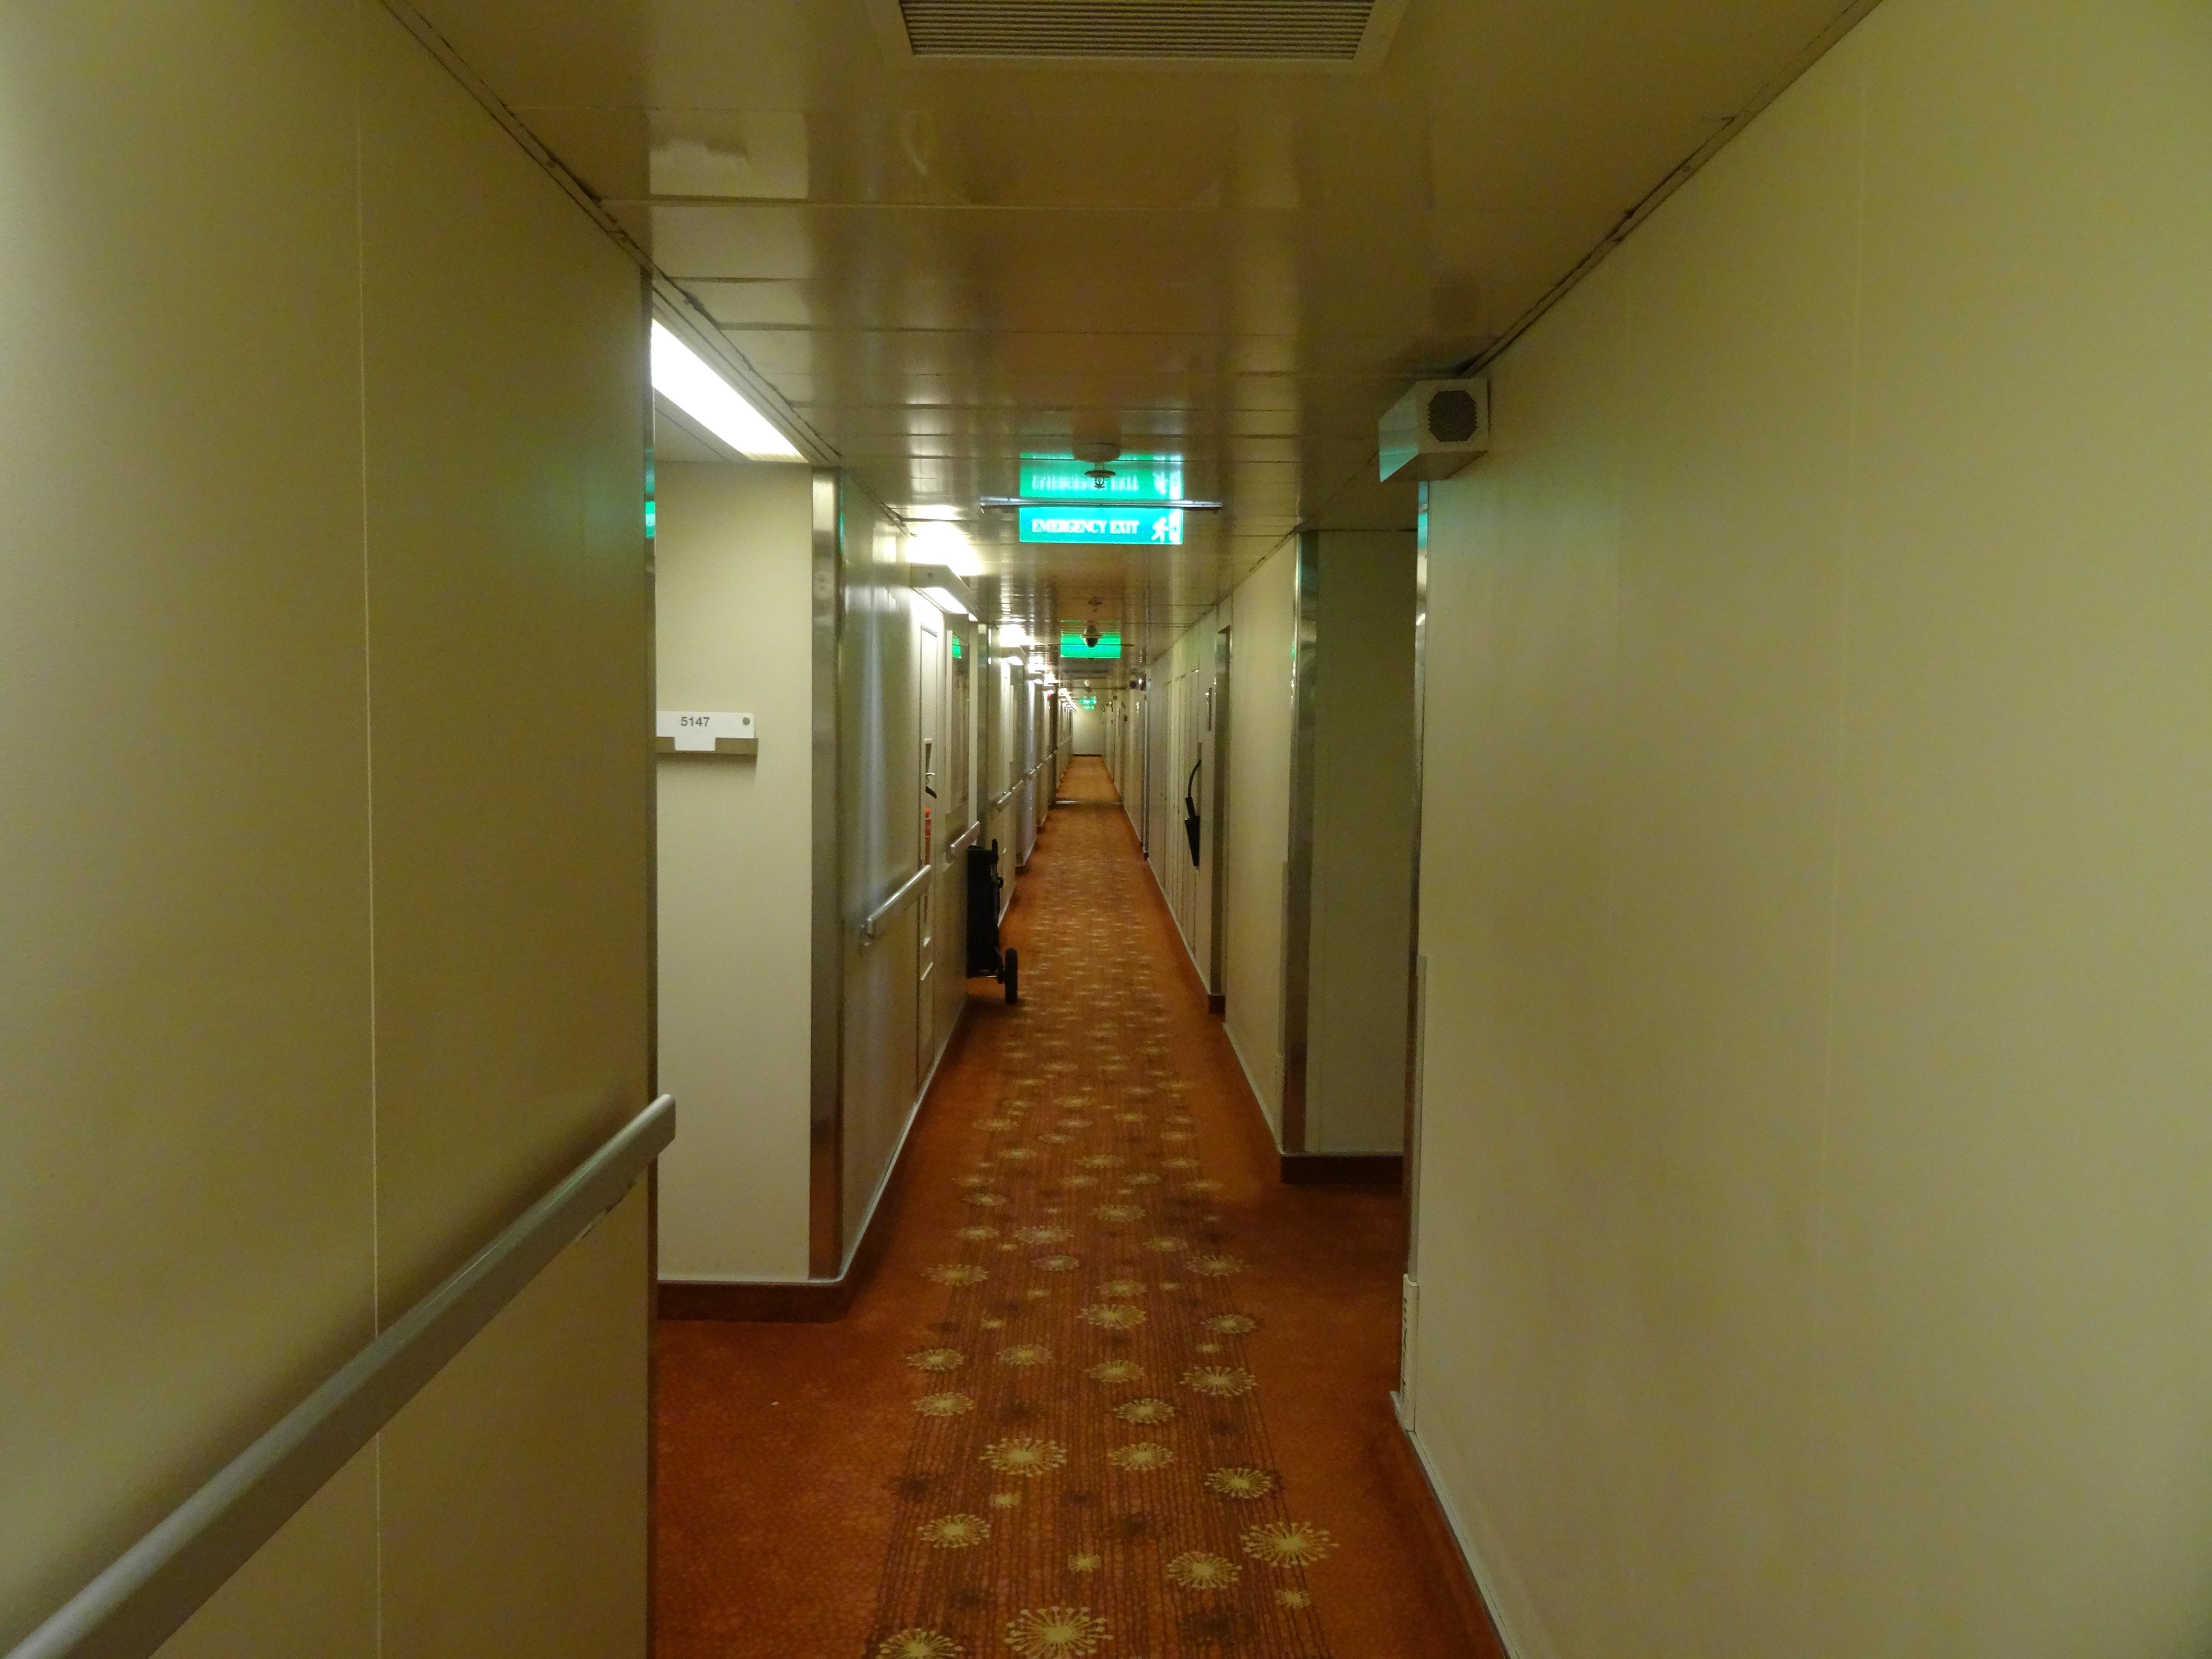 무료 이미지 : 내부, 원근법, 건물, 제한된, 지하철, 홀, 실내의, 재산, 방, 현대, 대중 교통, 인테리어 디자인, 긴, 호텔, 벽, 현관, 복도, 카펫이 깔린 ...